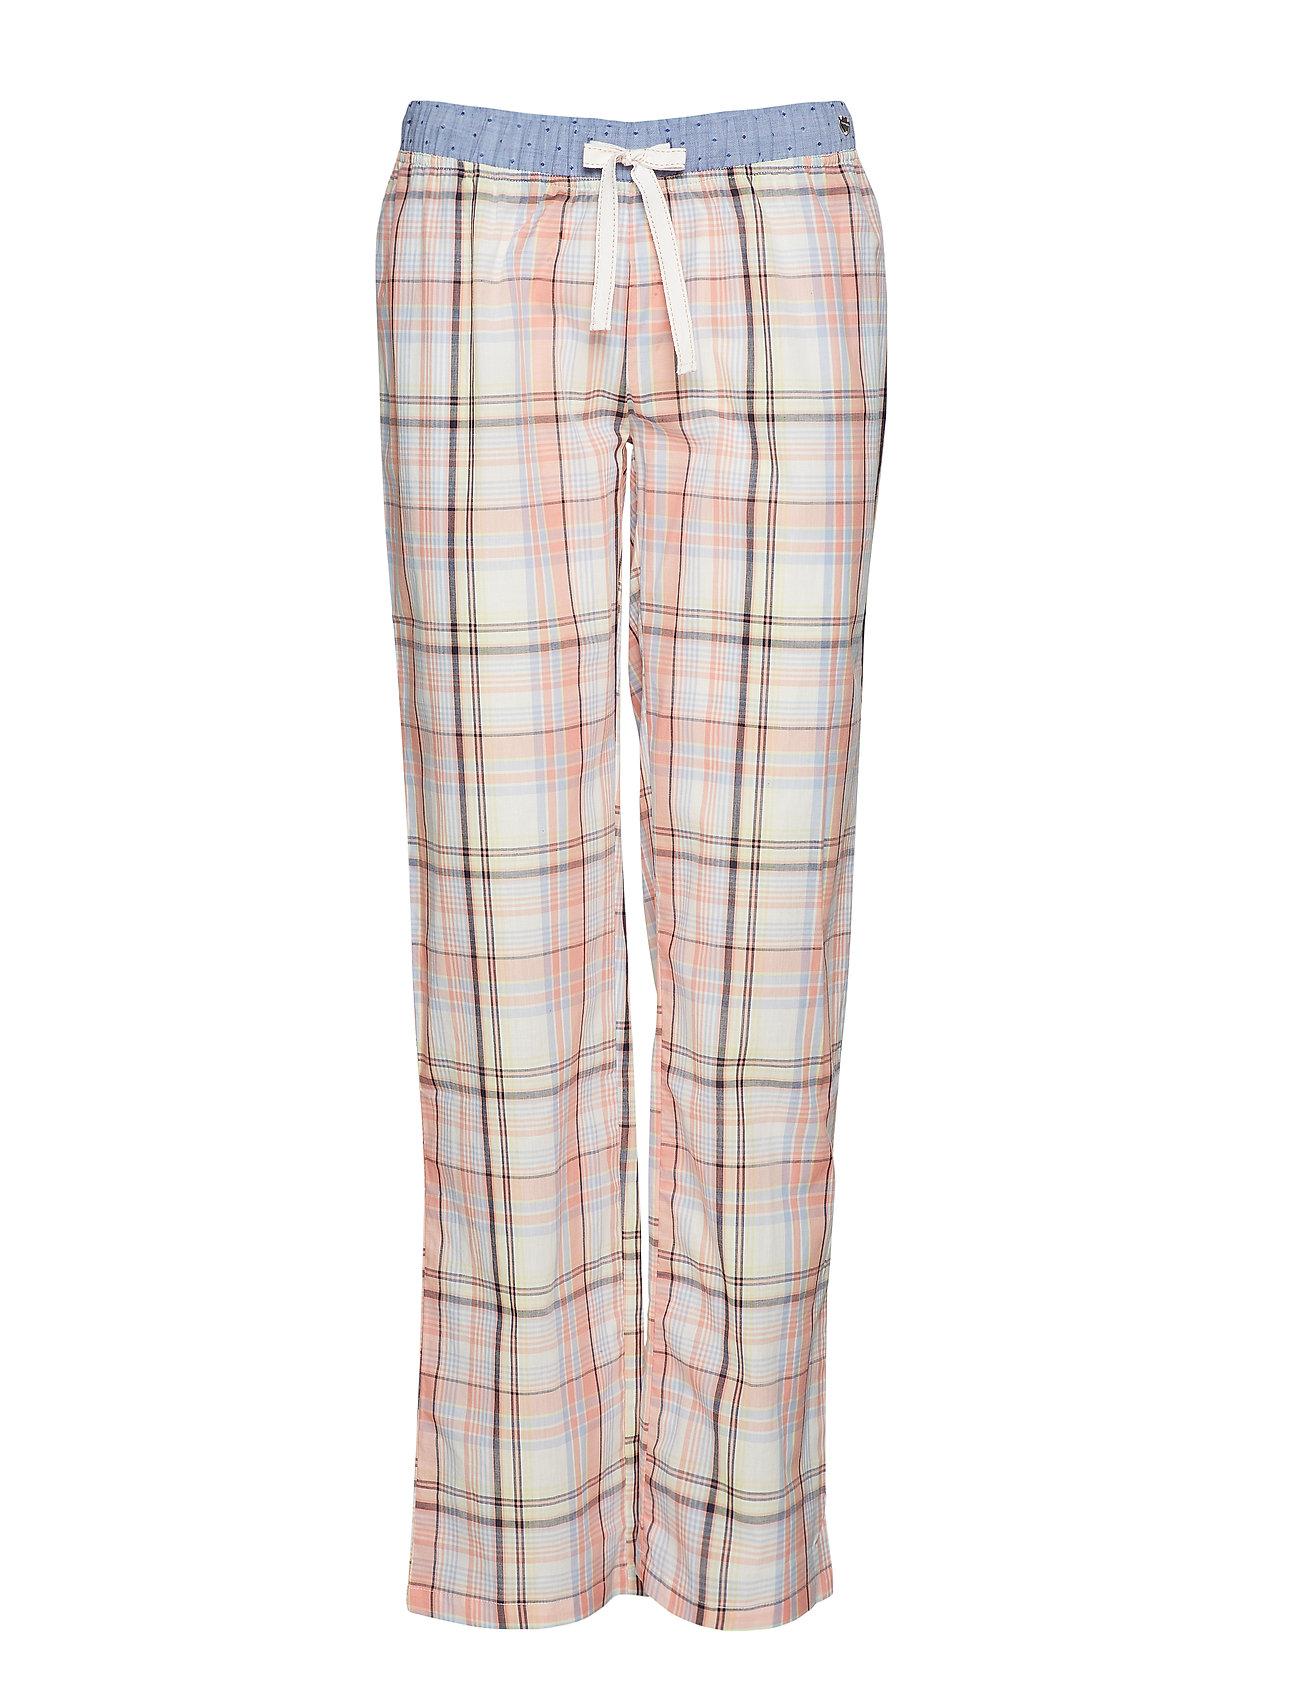 Esprit Bodywear Women Nightpants